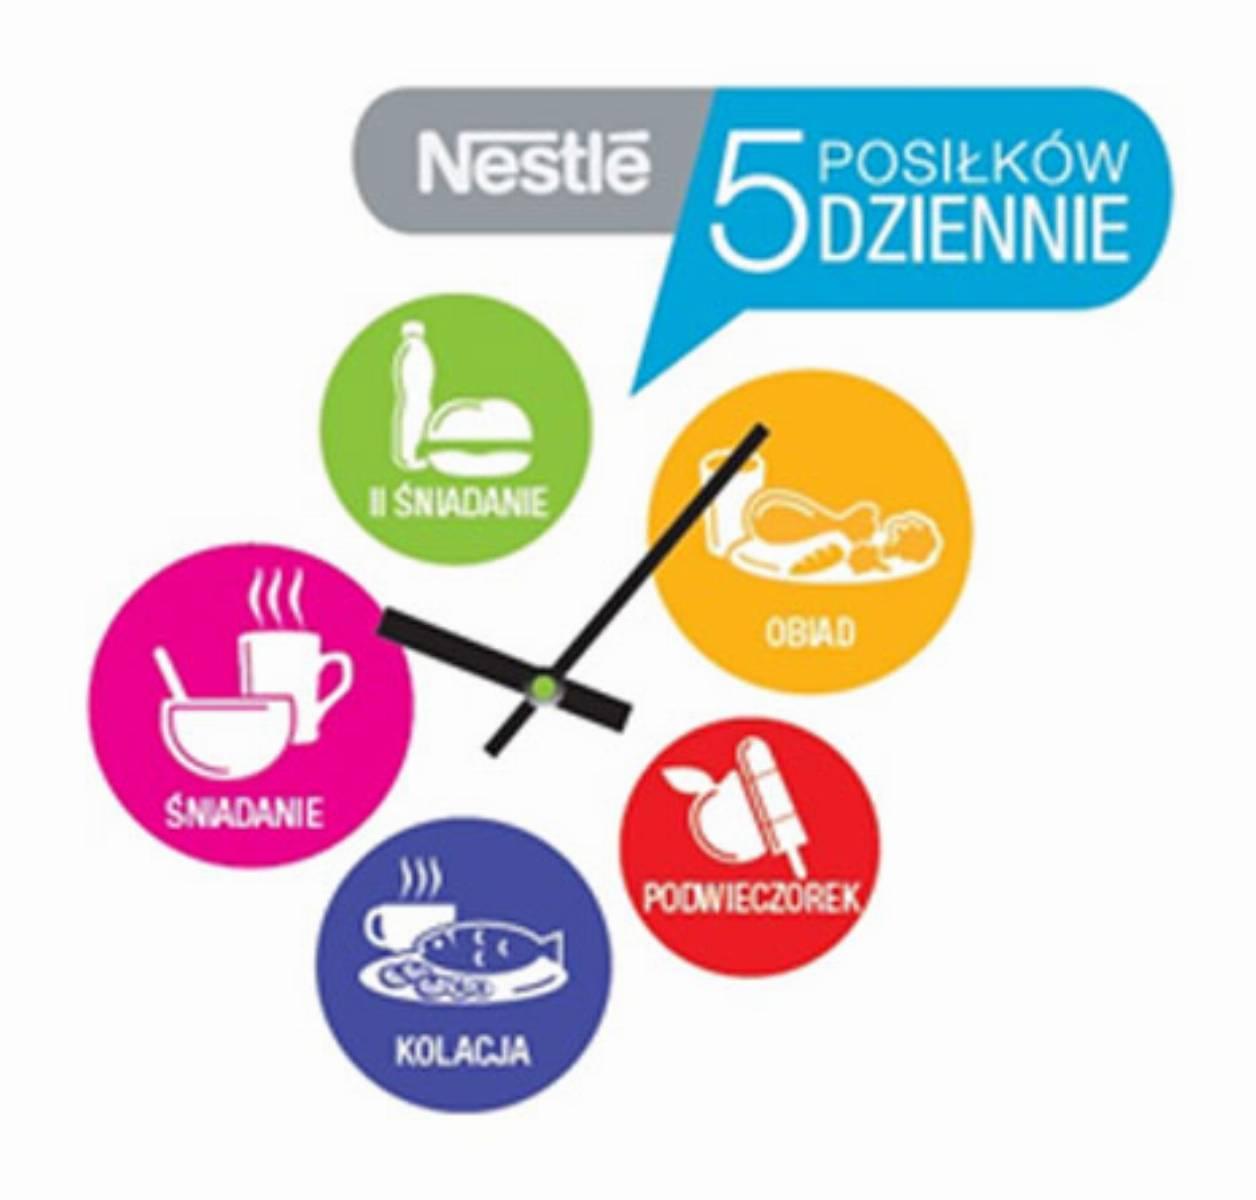 Zegar Nestle